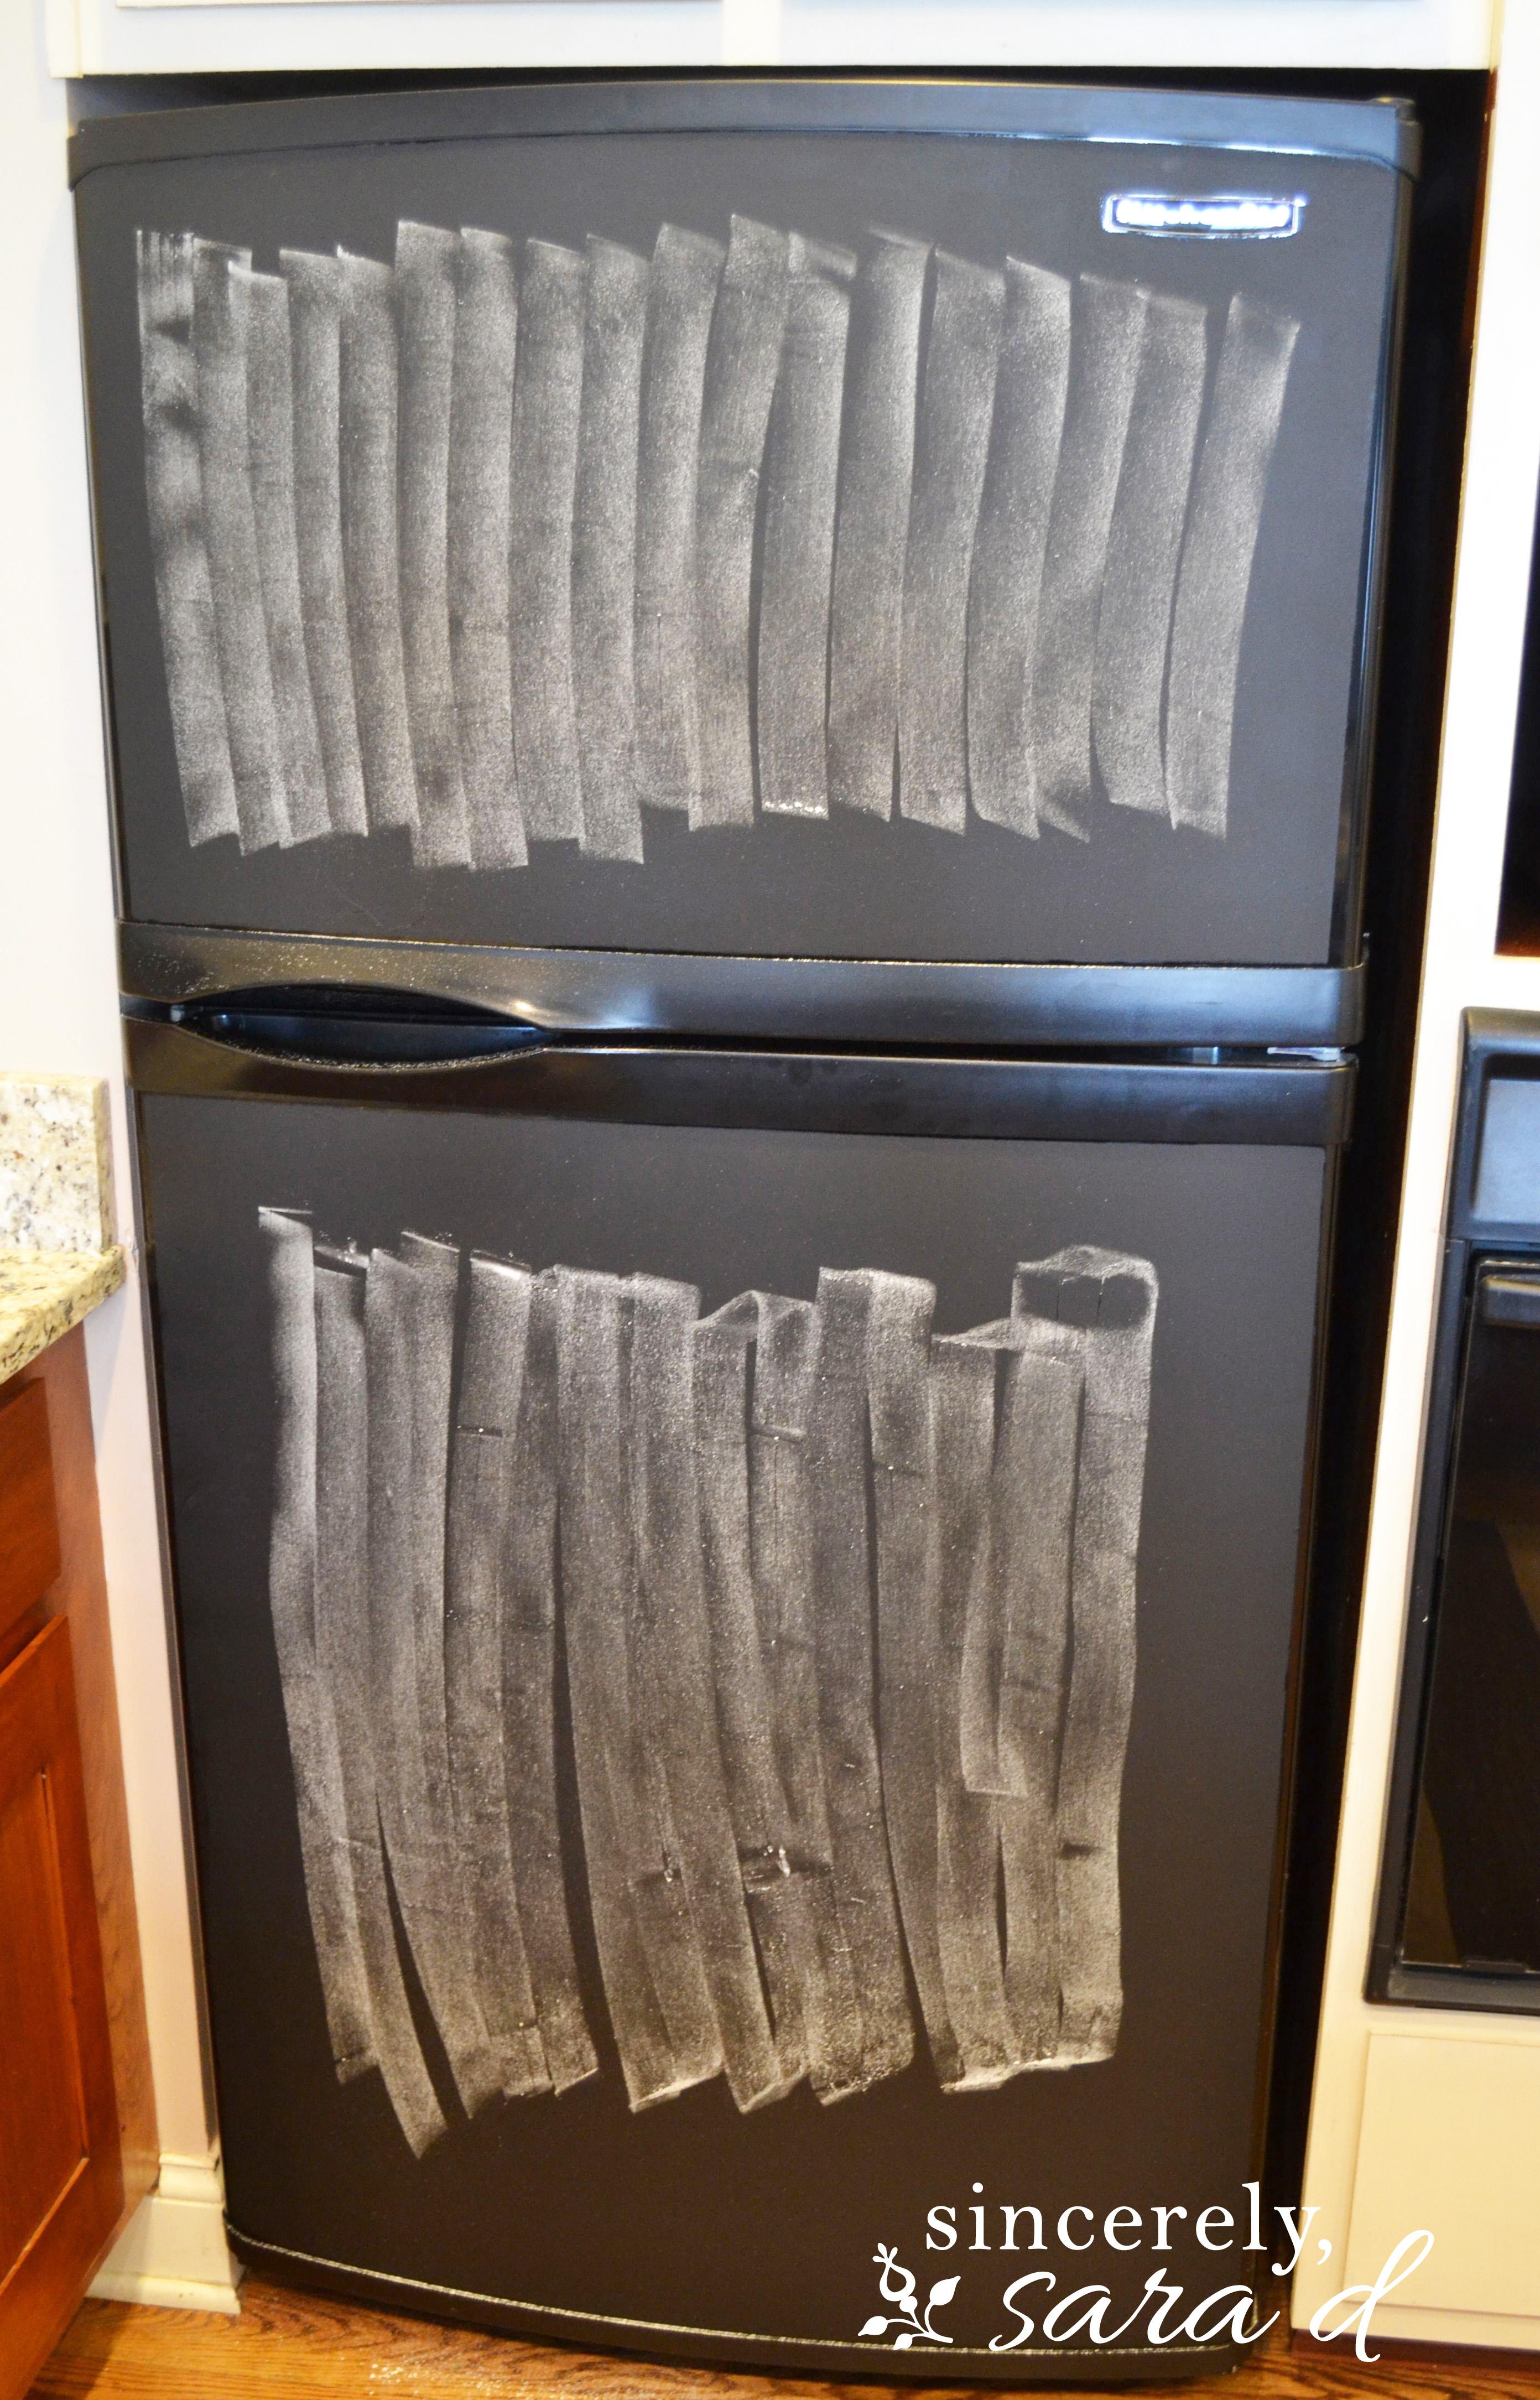 fridge.7